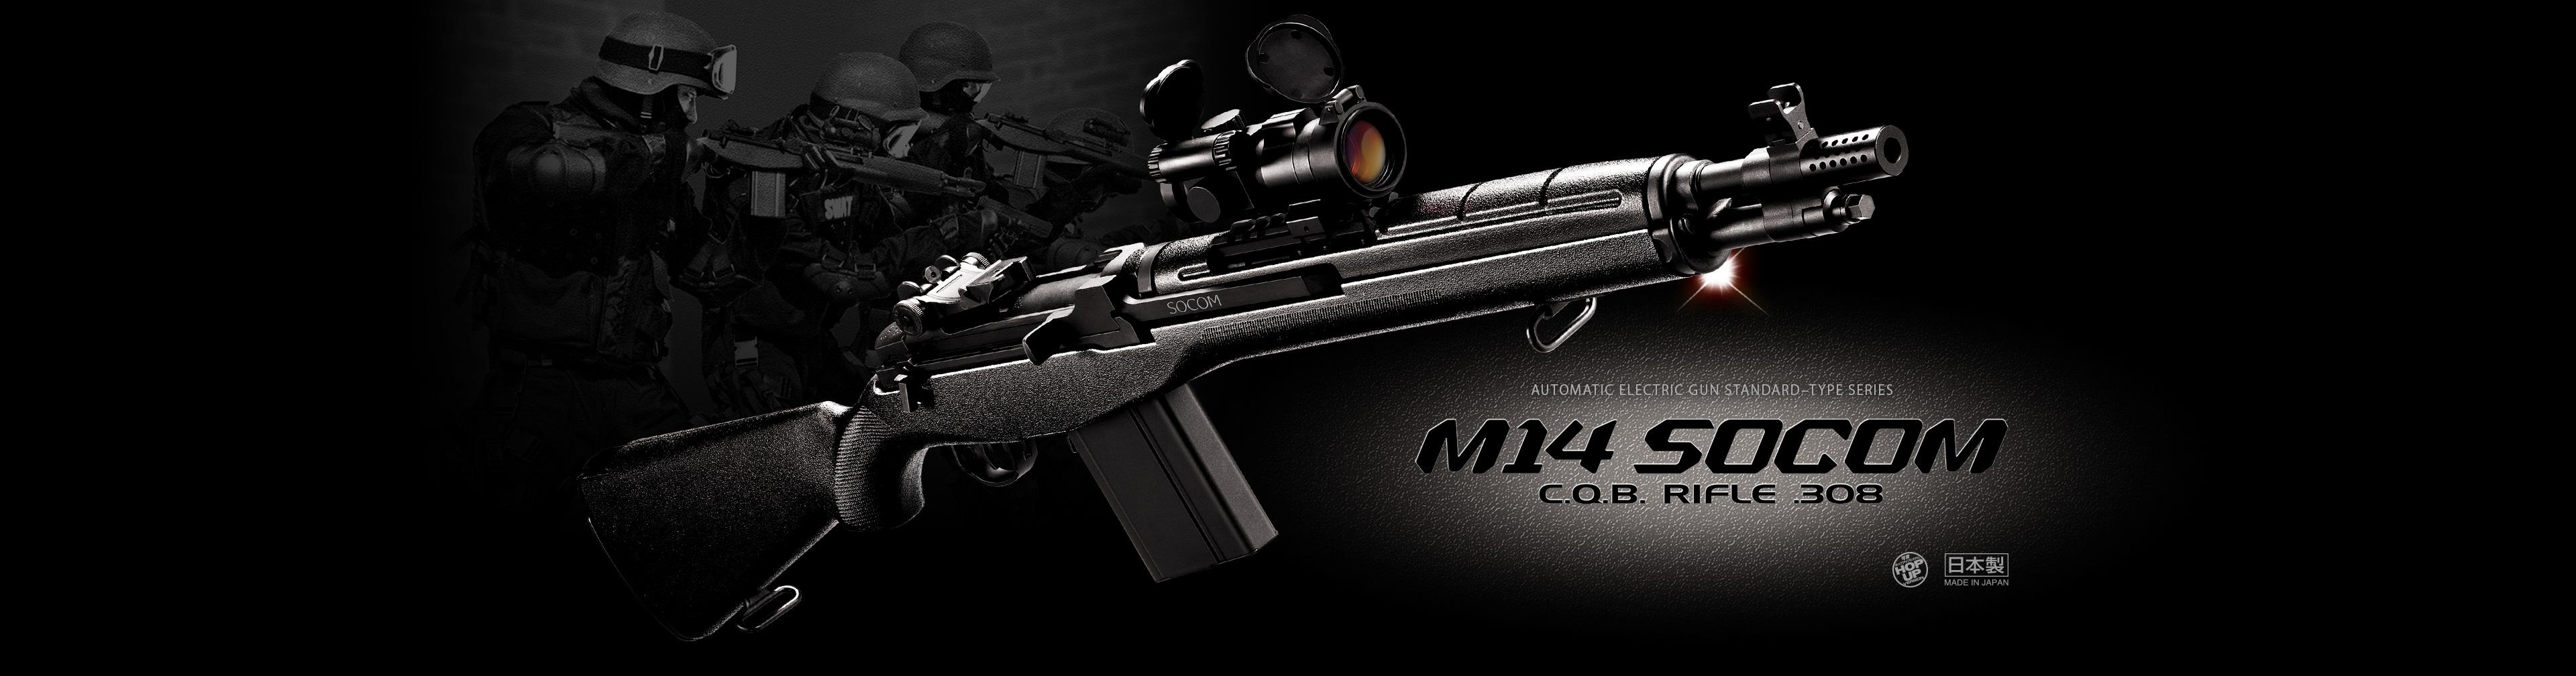 M14ソーコム